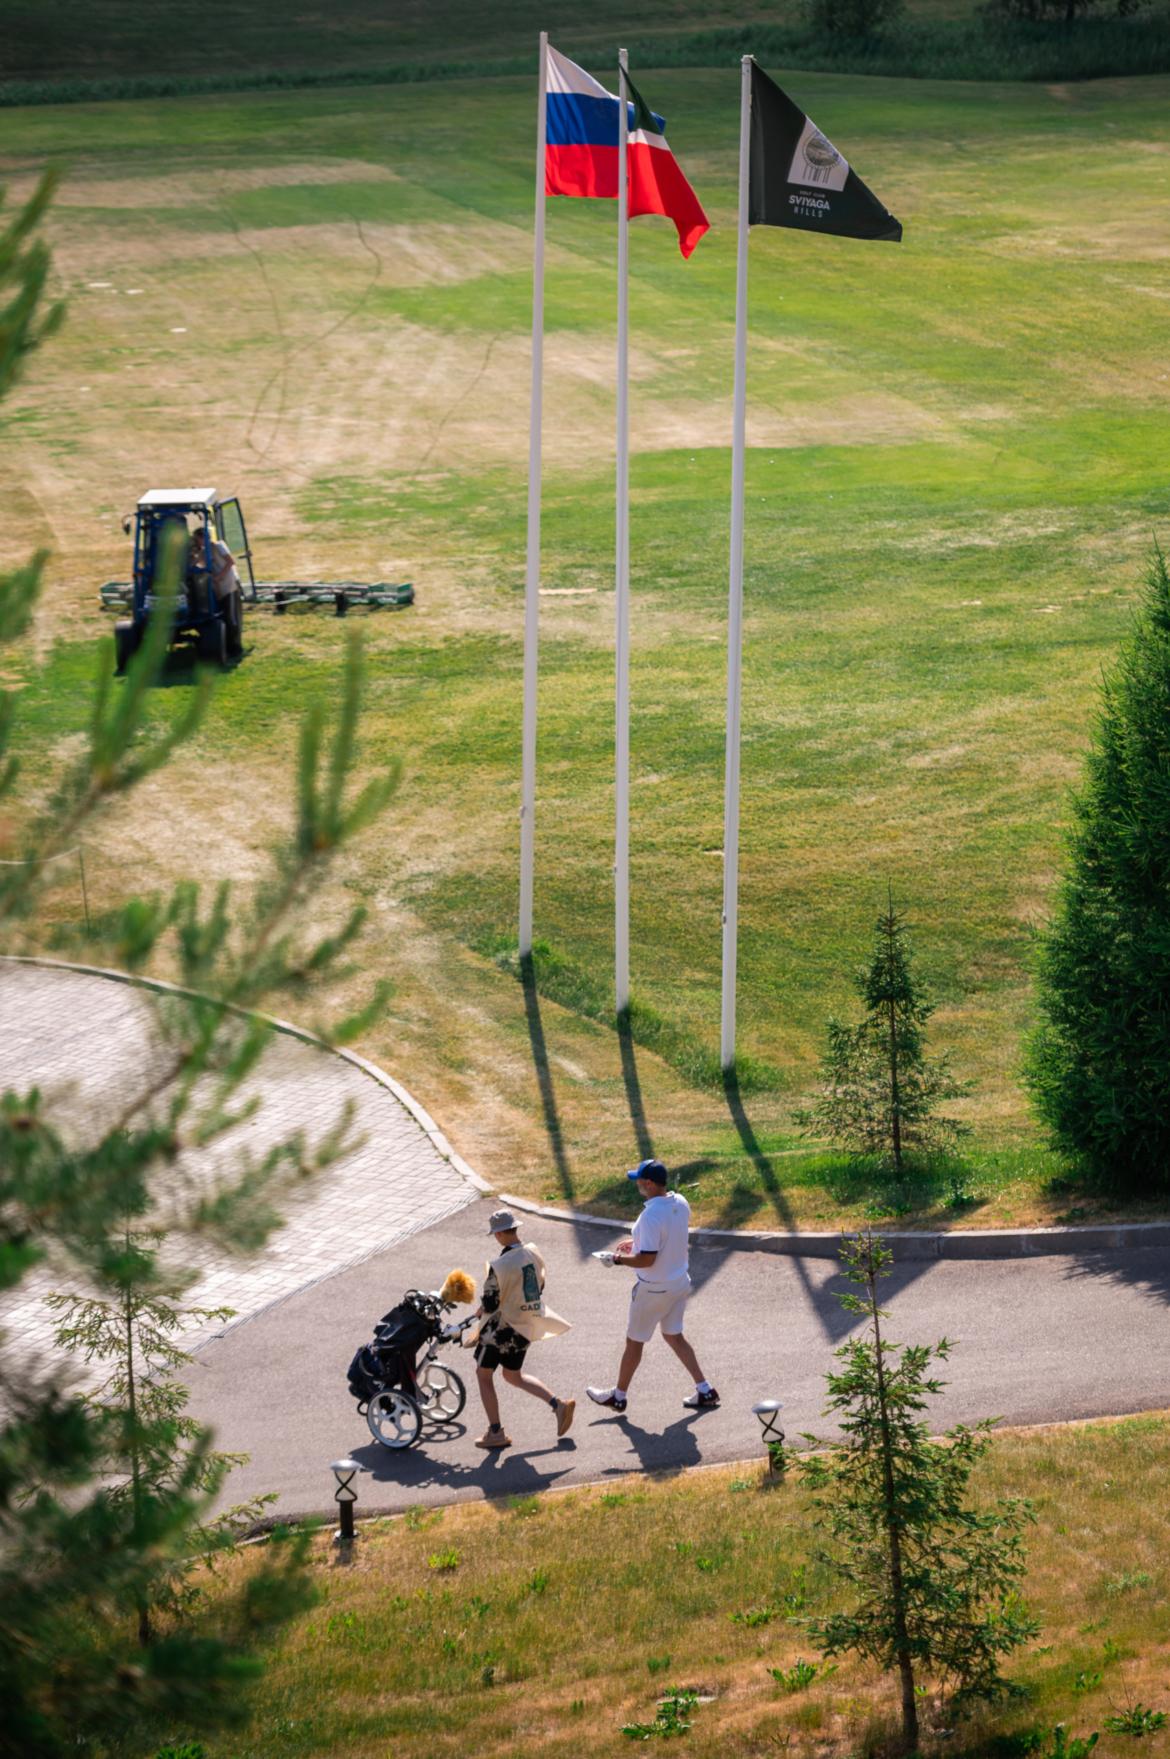 Golf-Champ-15-1-scaled.jpg